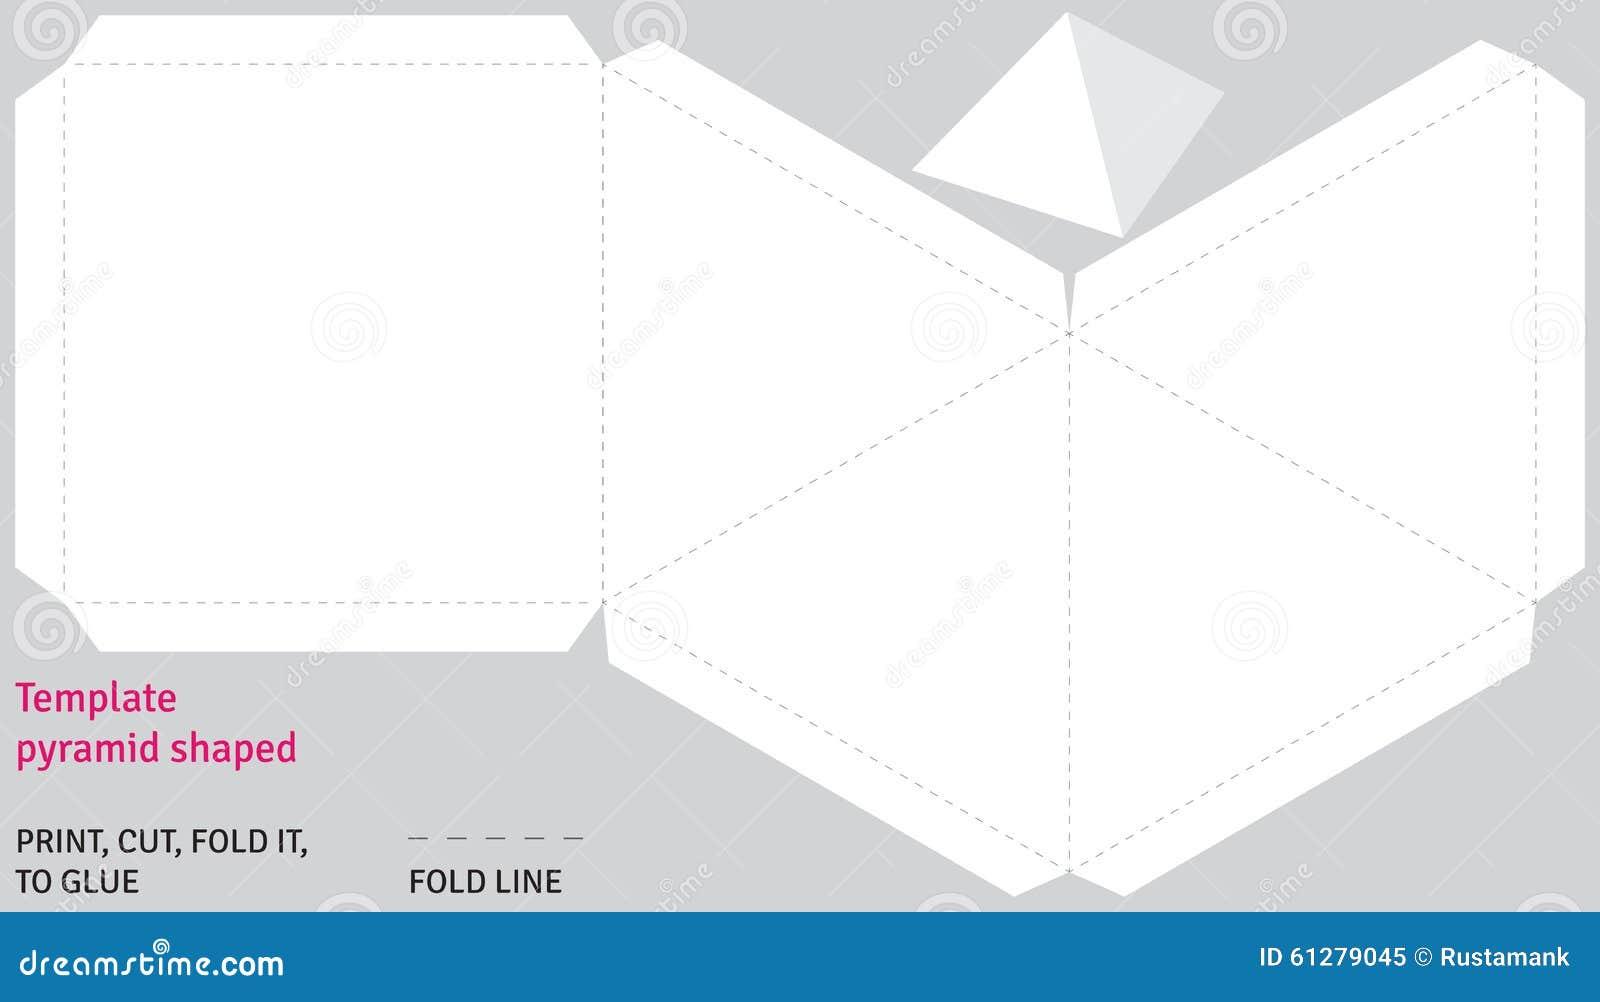 Схема пирамиды из бумаги распечатать